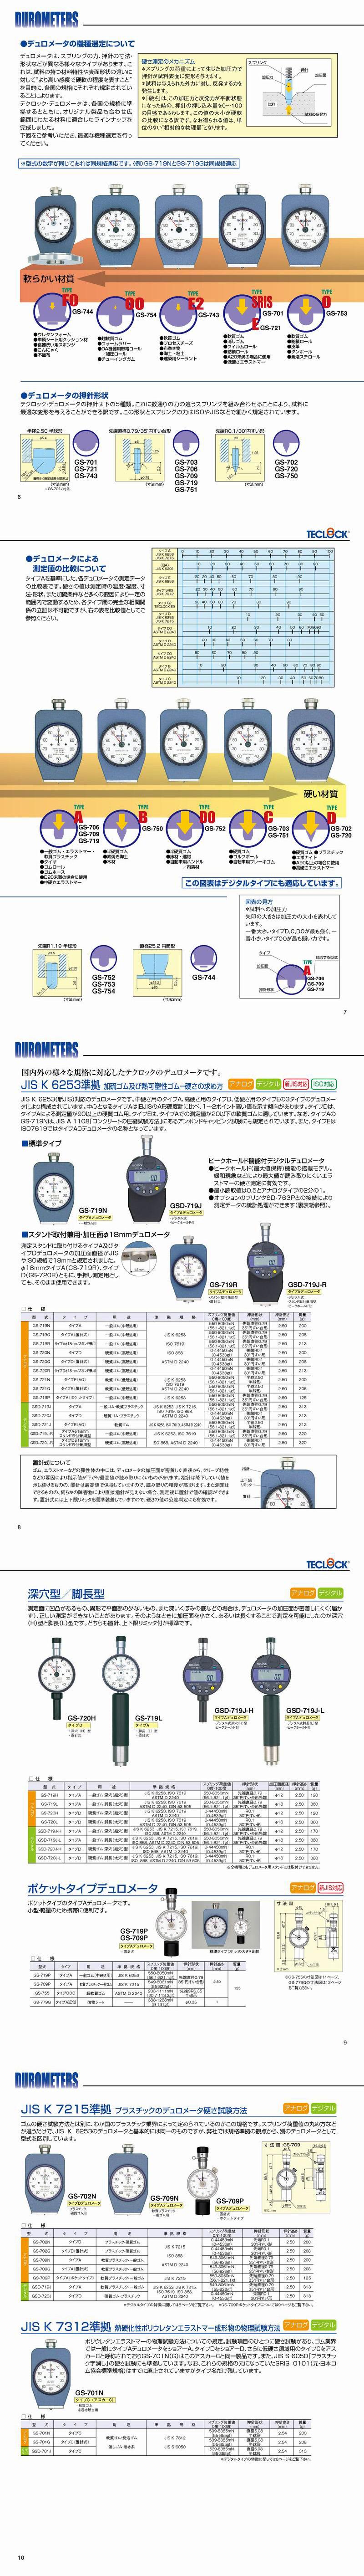 TECLOCK橡胶硬度计-邵氏硬度计2